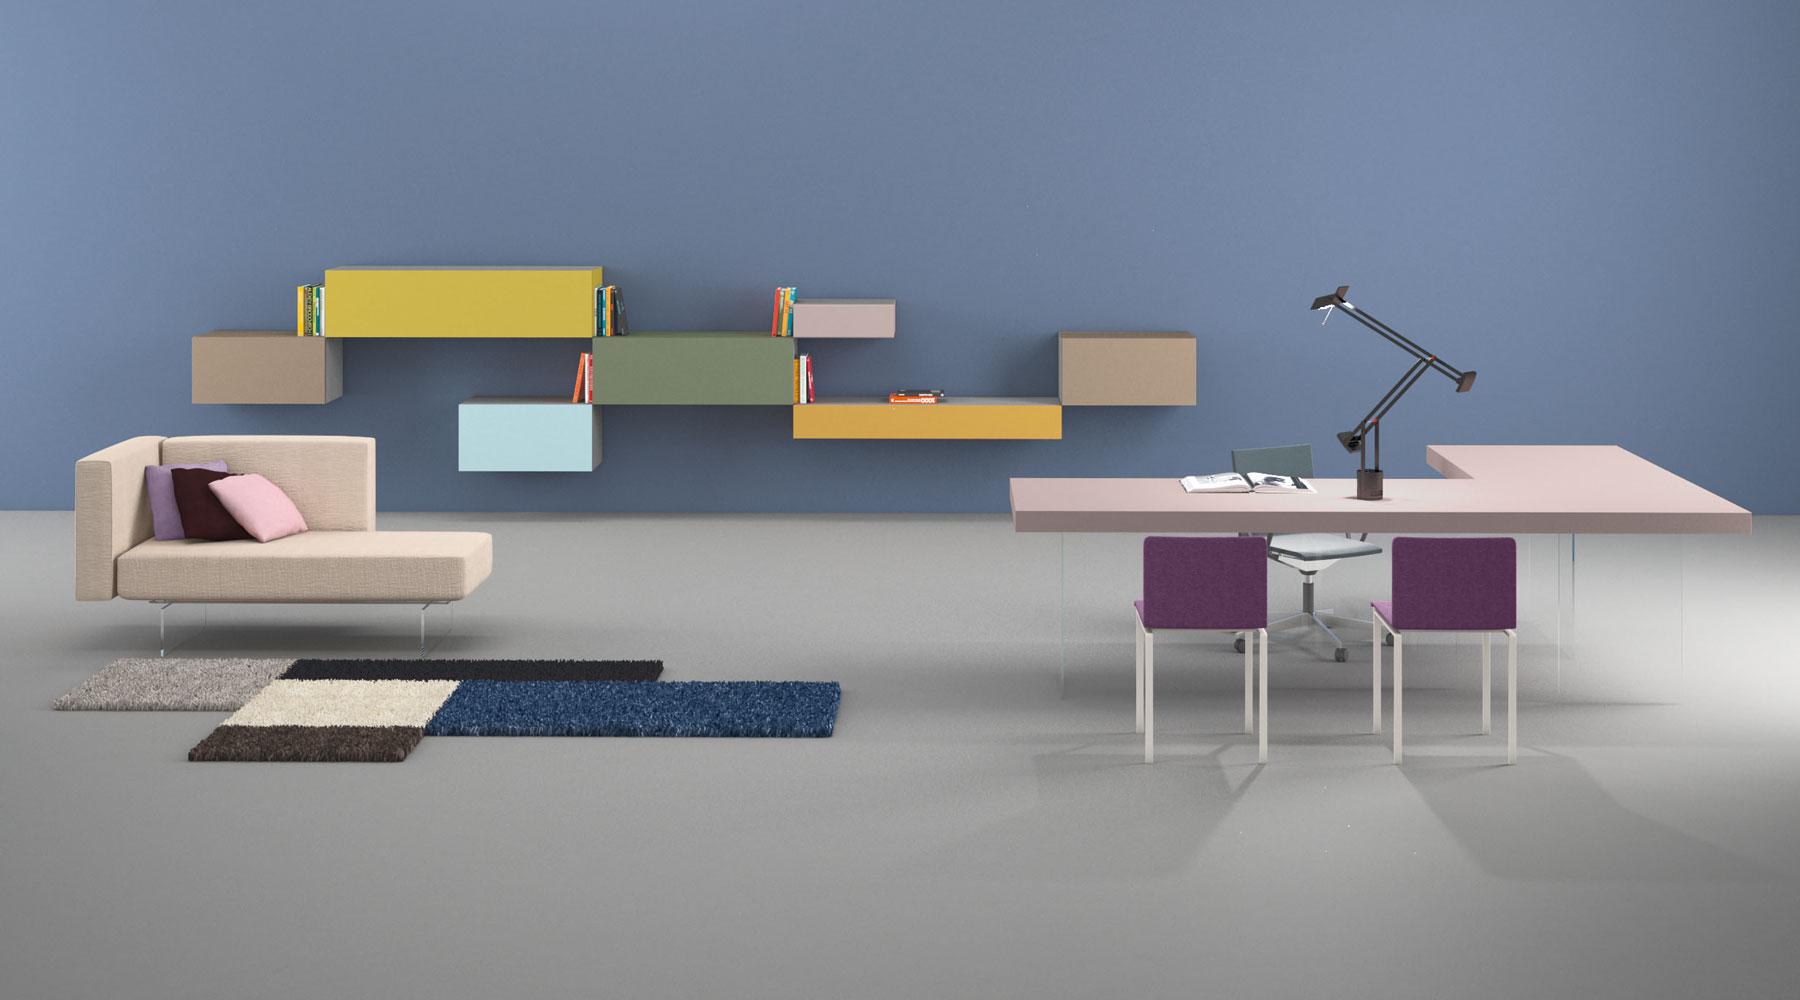 Delfanti arredamenti sistema 36e8 for Outlet di mobili di design pittsburgh